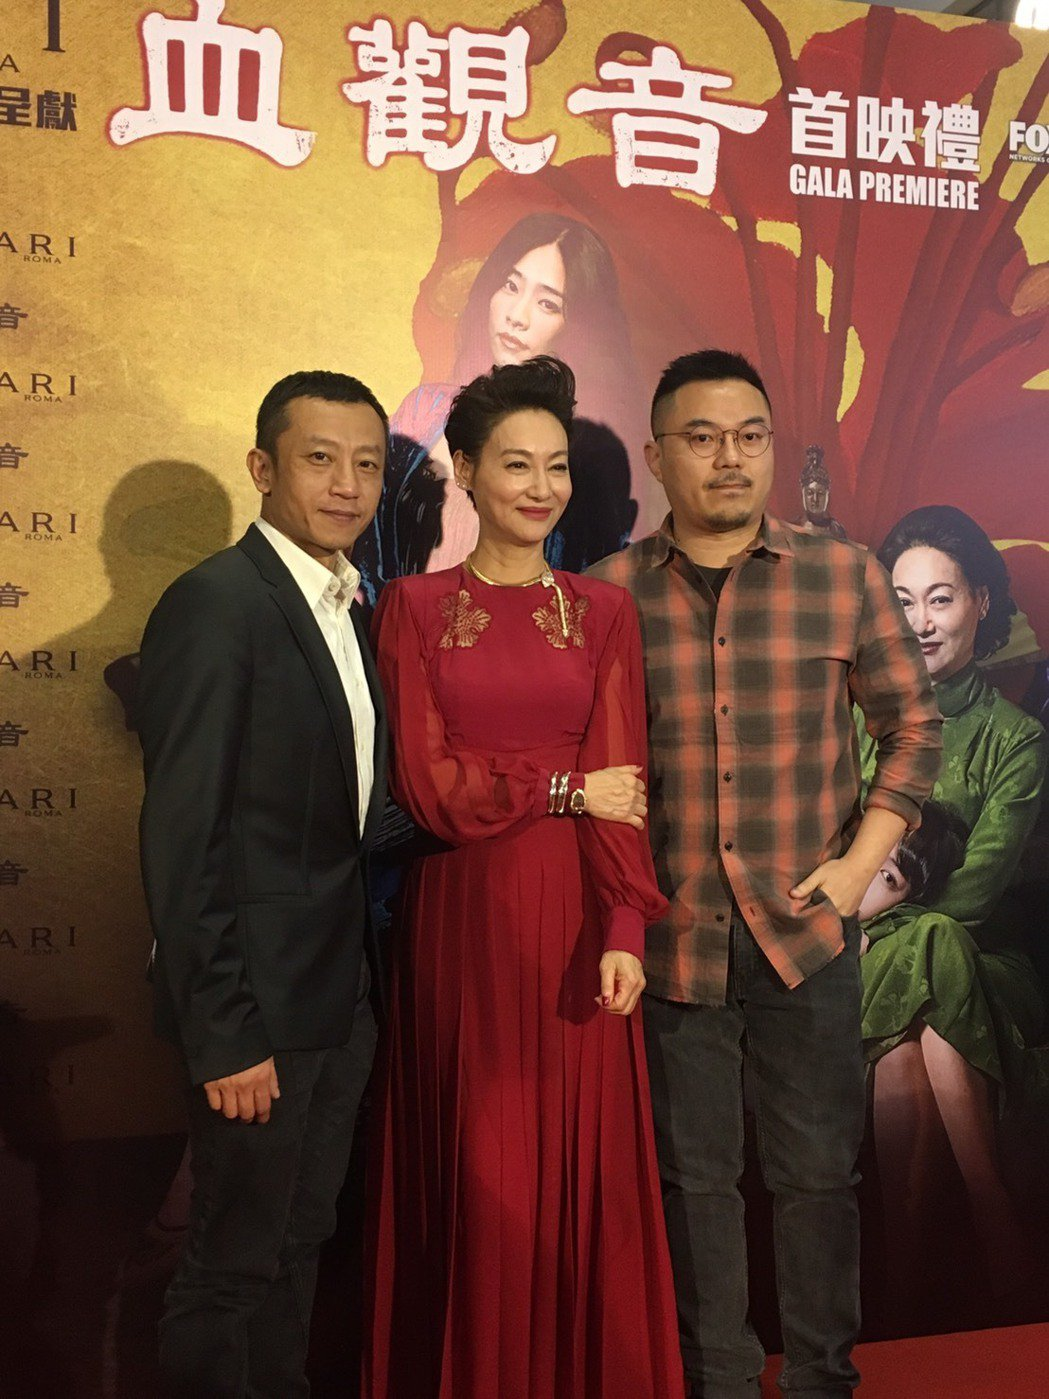 楊雅喆、惠英紅與「幸運是我」導演羅耀輝合照。圖/双喜提供